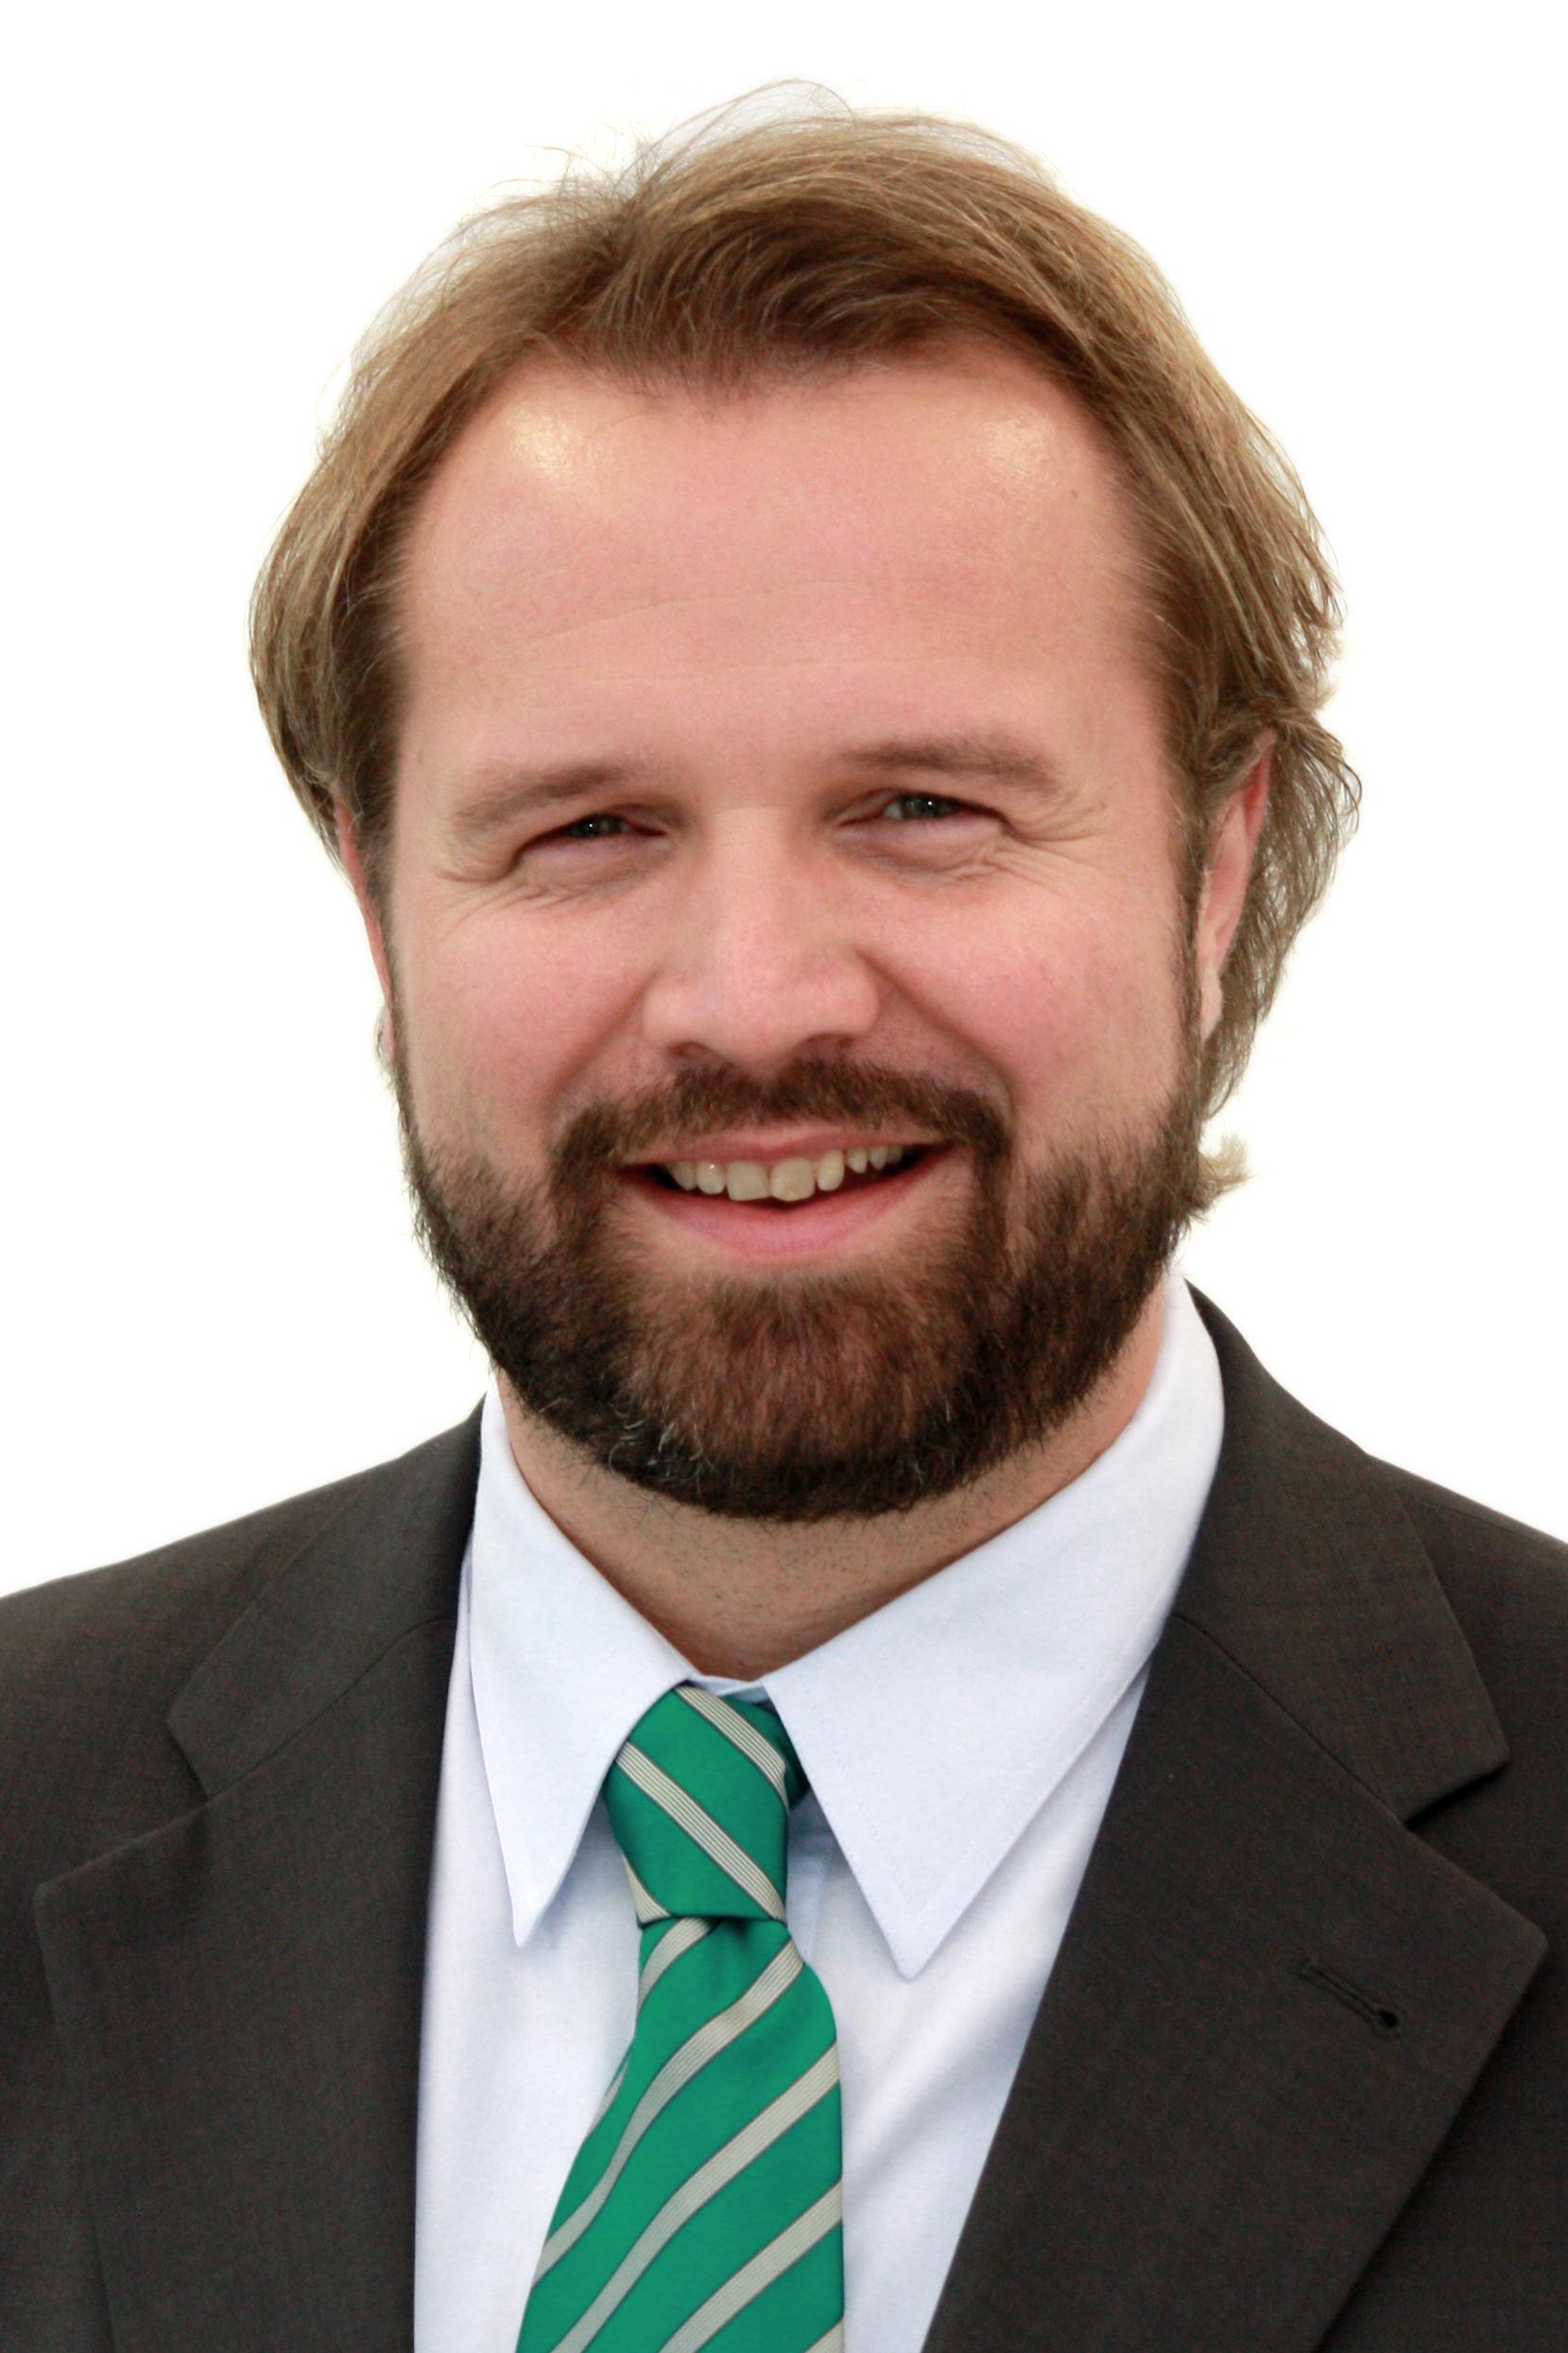 Erwin Weber, Leiter der Produktlinie Tornado Drehkolbenpumpen, Netzsch Pumpen und Systeme